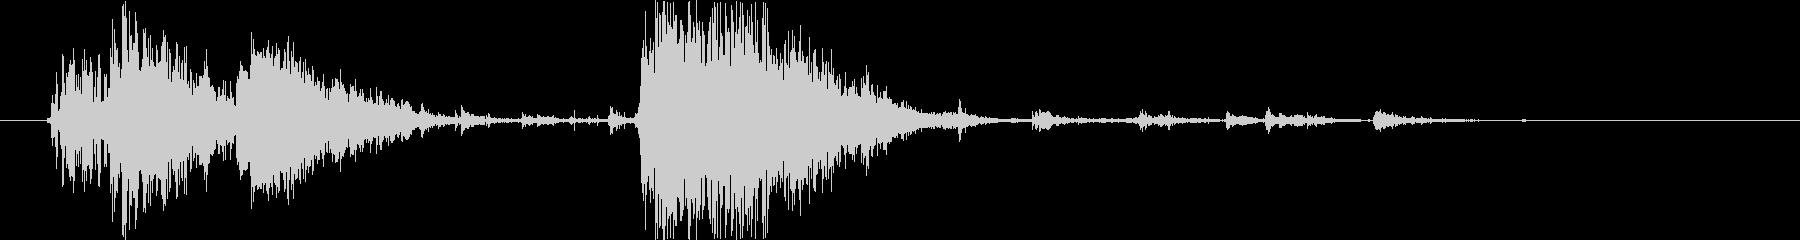 【破壊音】ドン ガシャンの未再生の波形